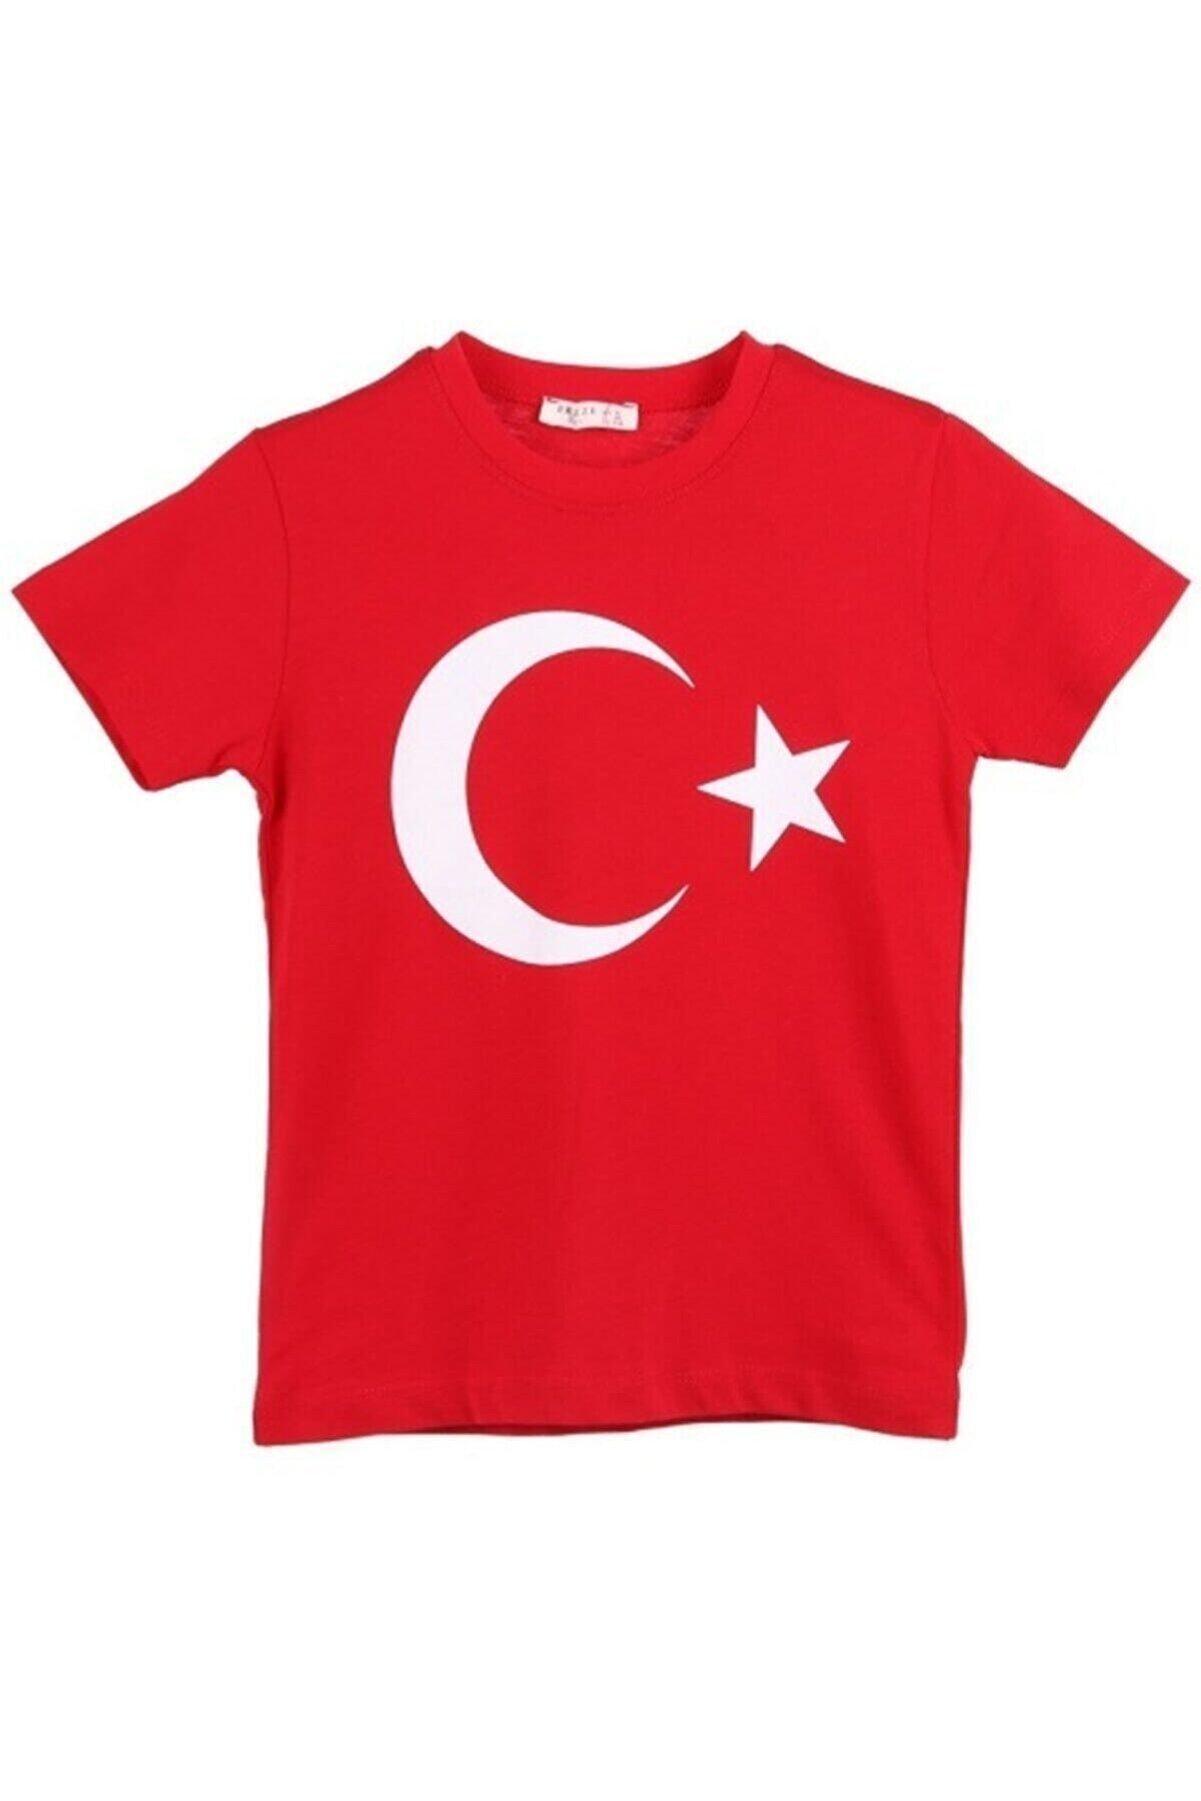 ÇİDEM'S Çocuk Kırmızı Türk Bayraklı T-shirt